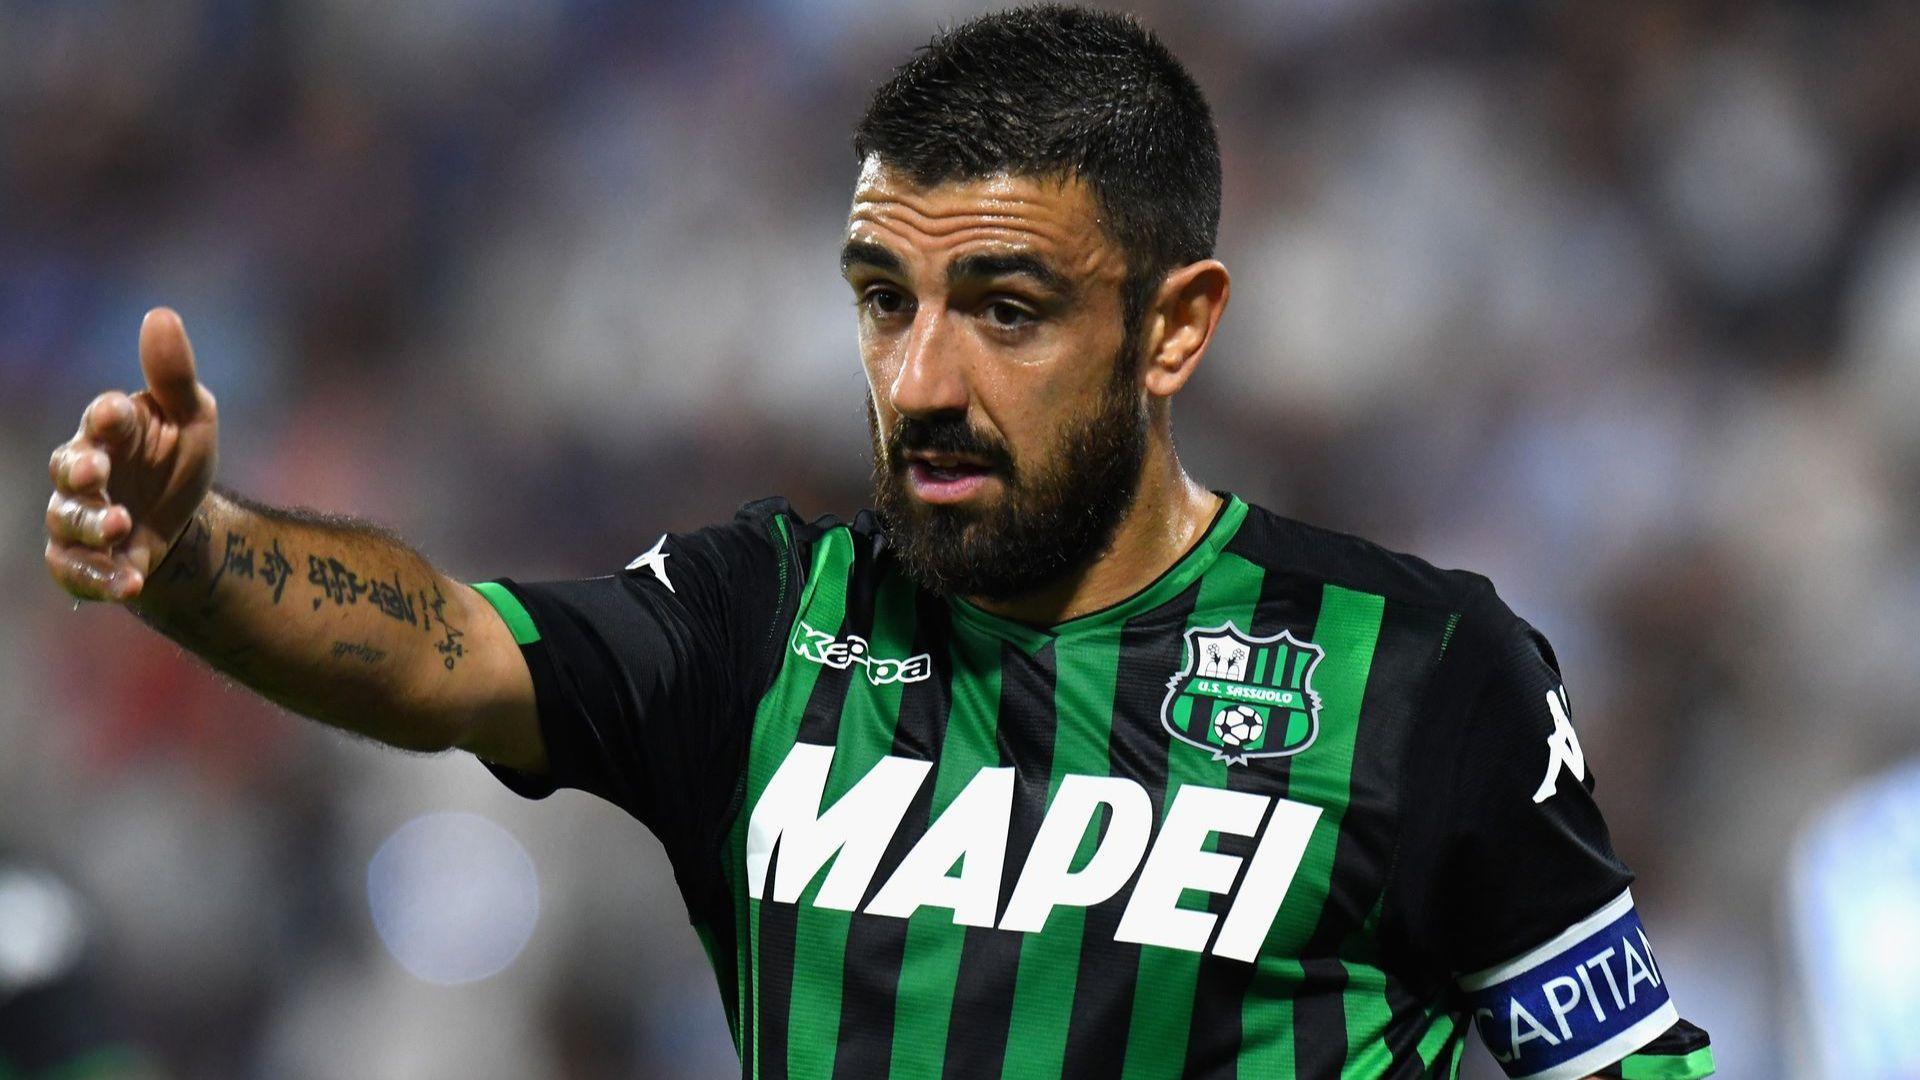 Наказаха играчи от Серия А за богохулство